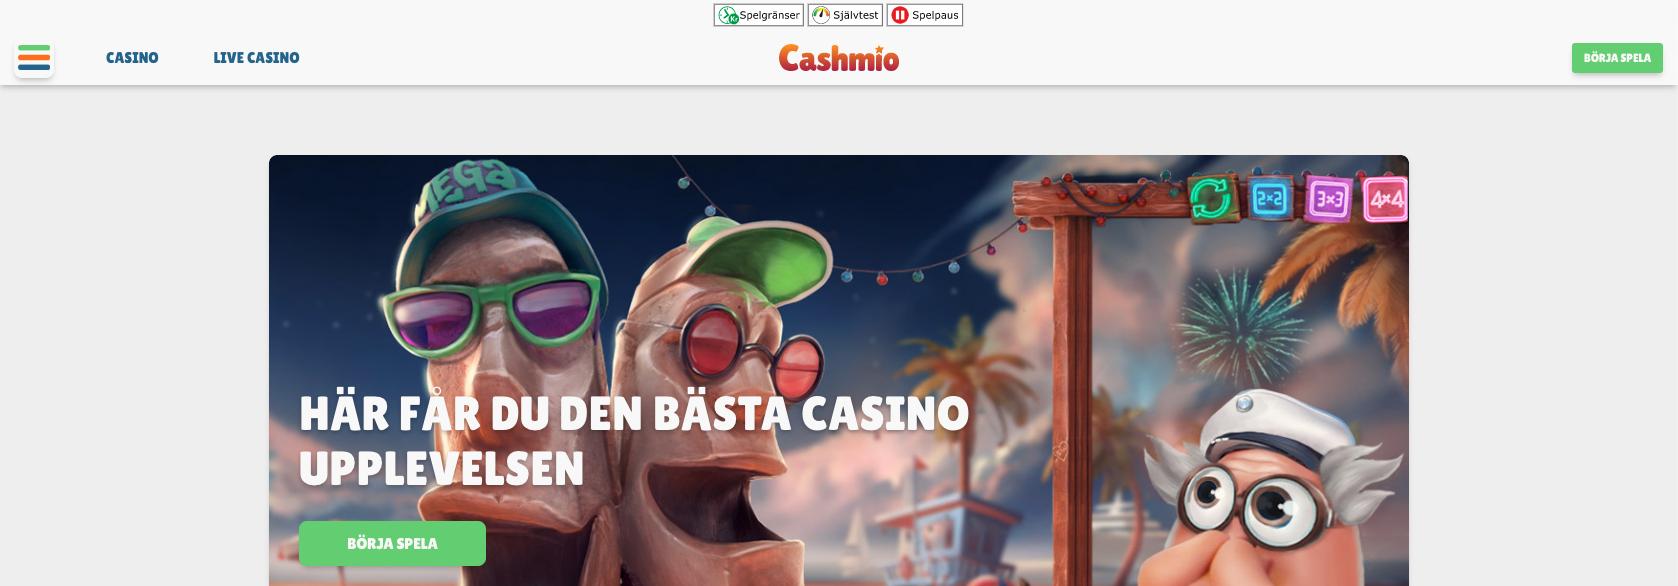 cashmio-recension